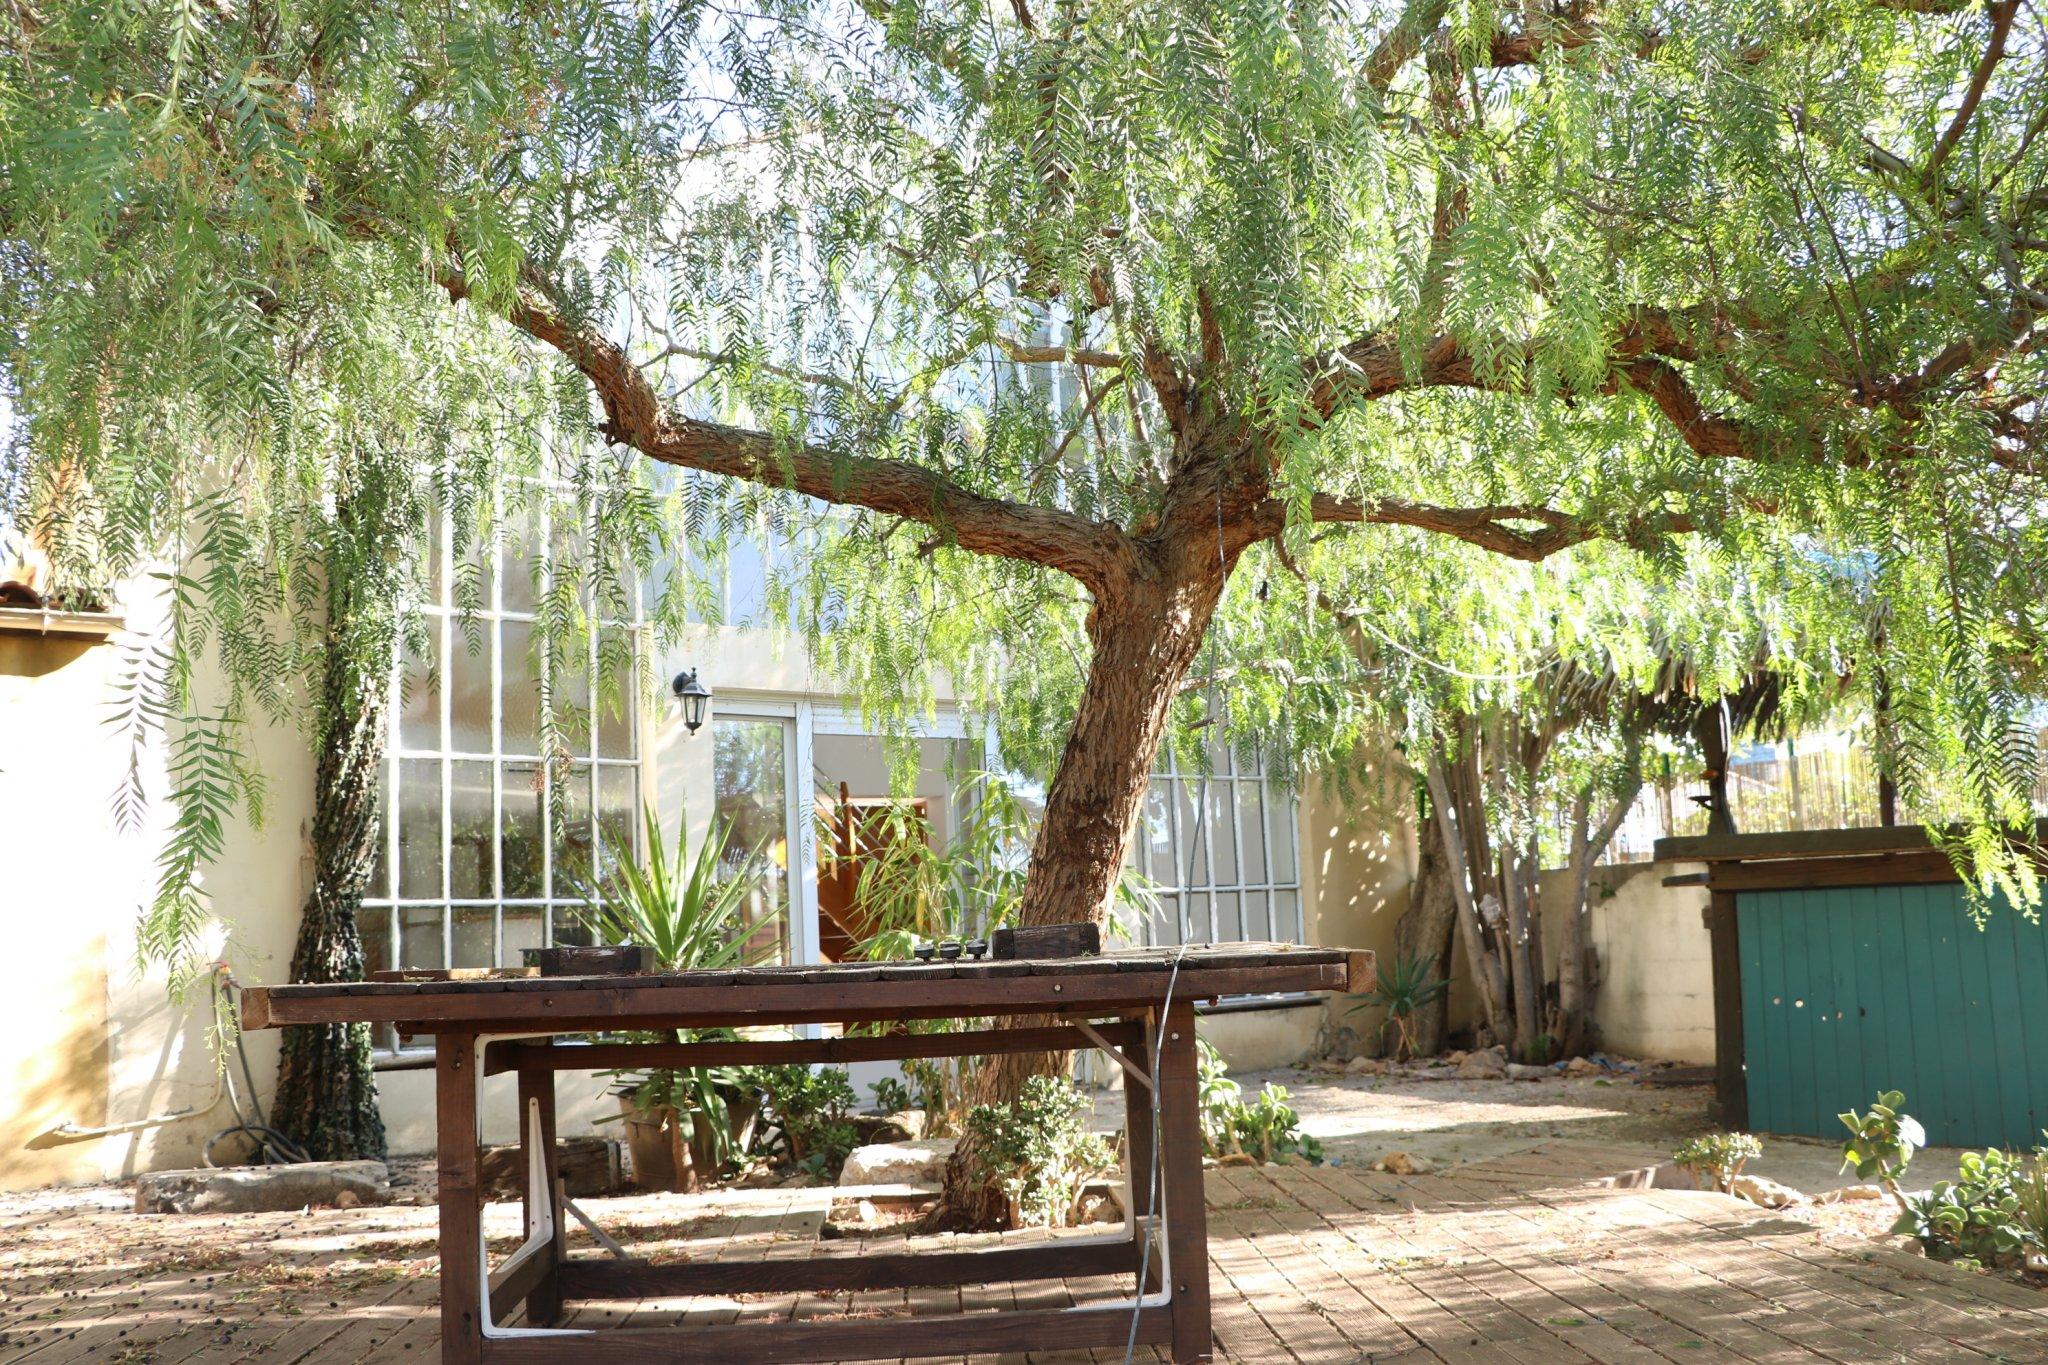 Agence immobili re toulon vente et location agence avenir - Vente maison jardin nimes toulon ...